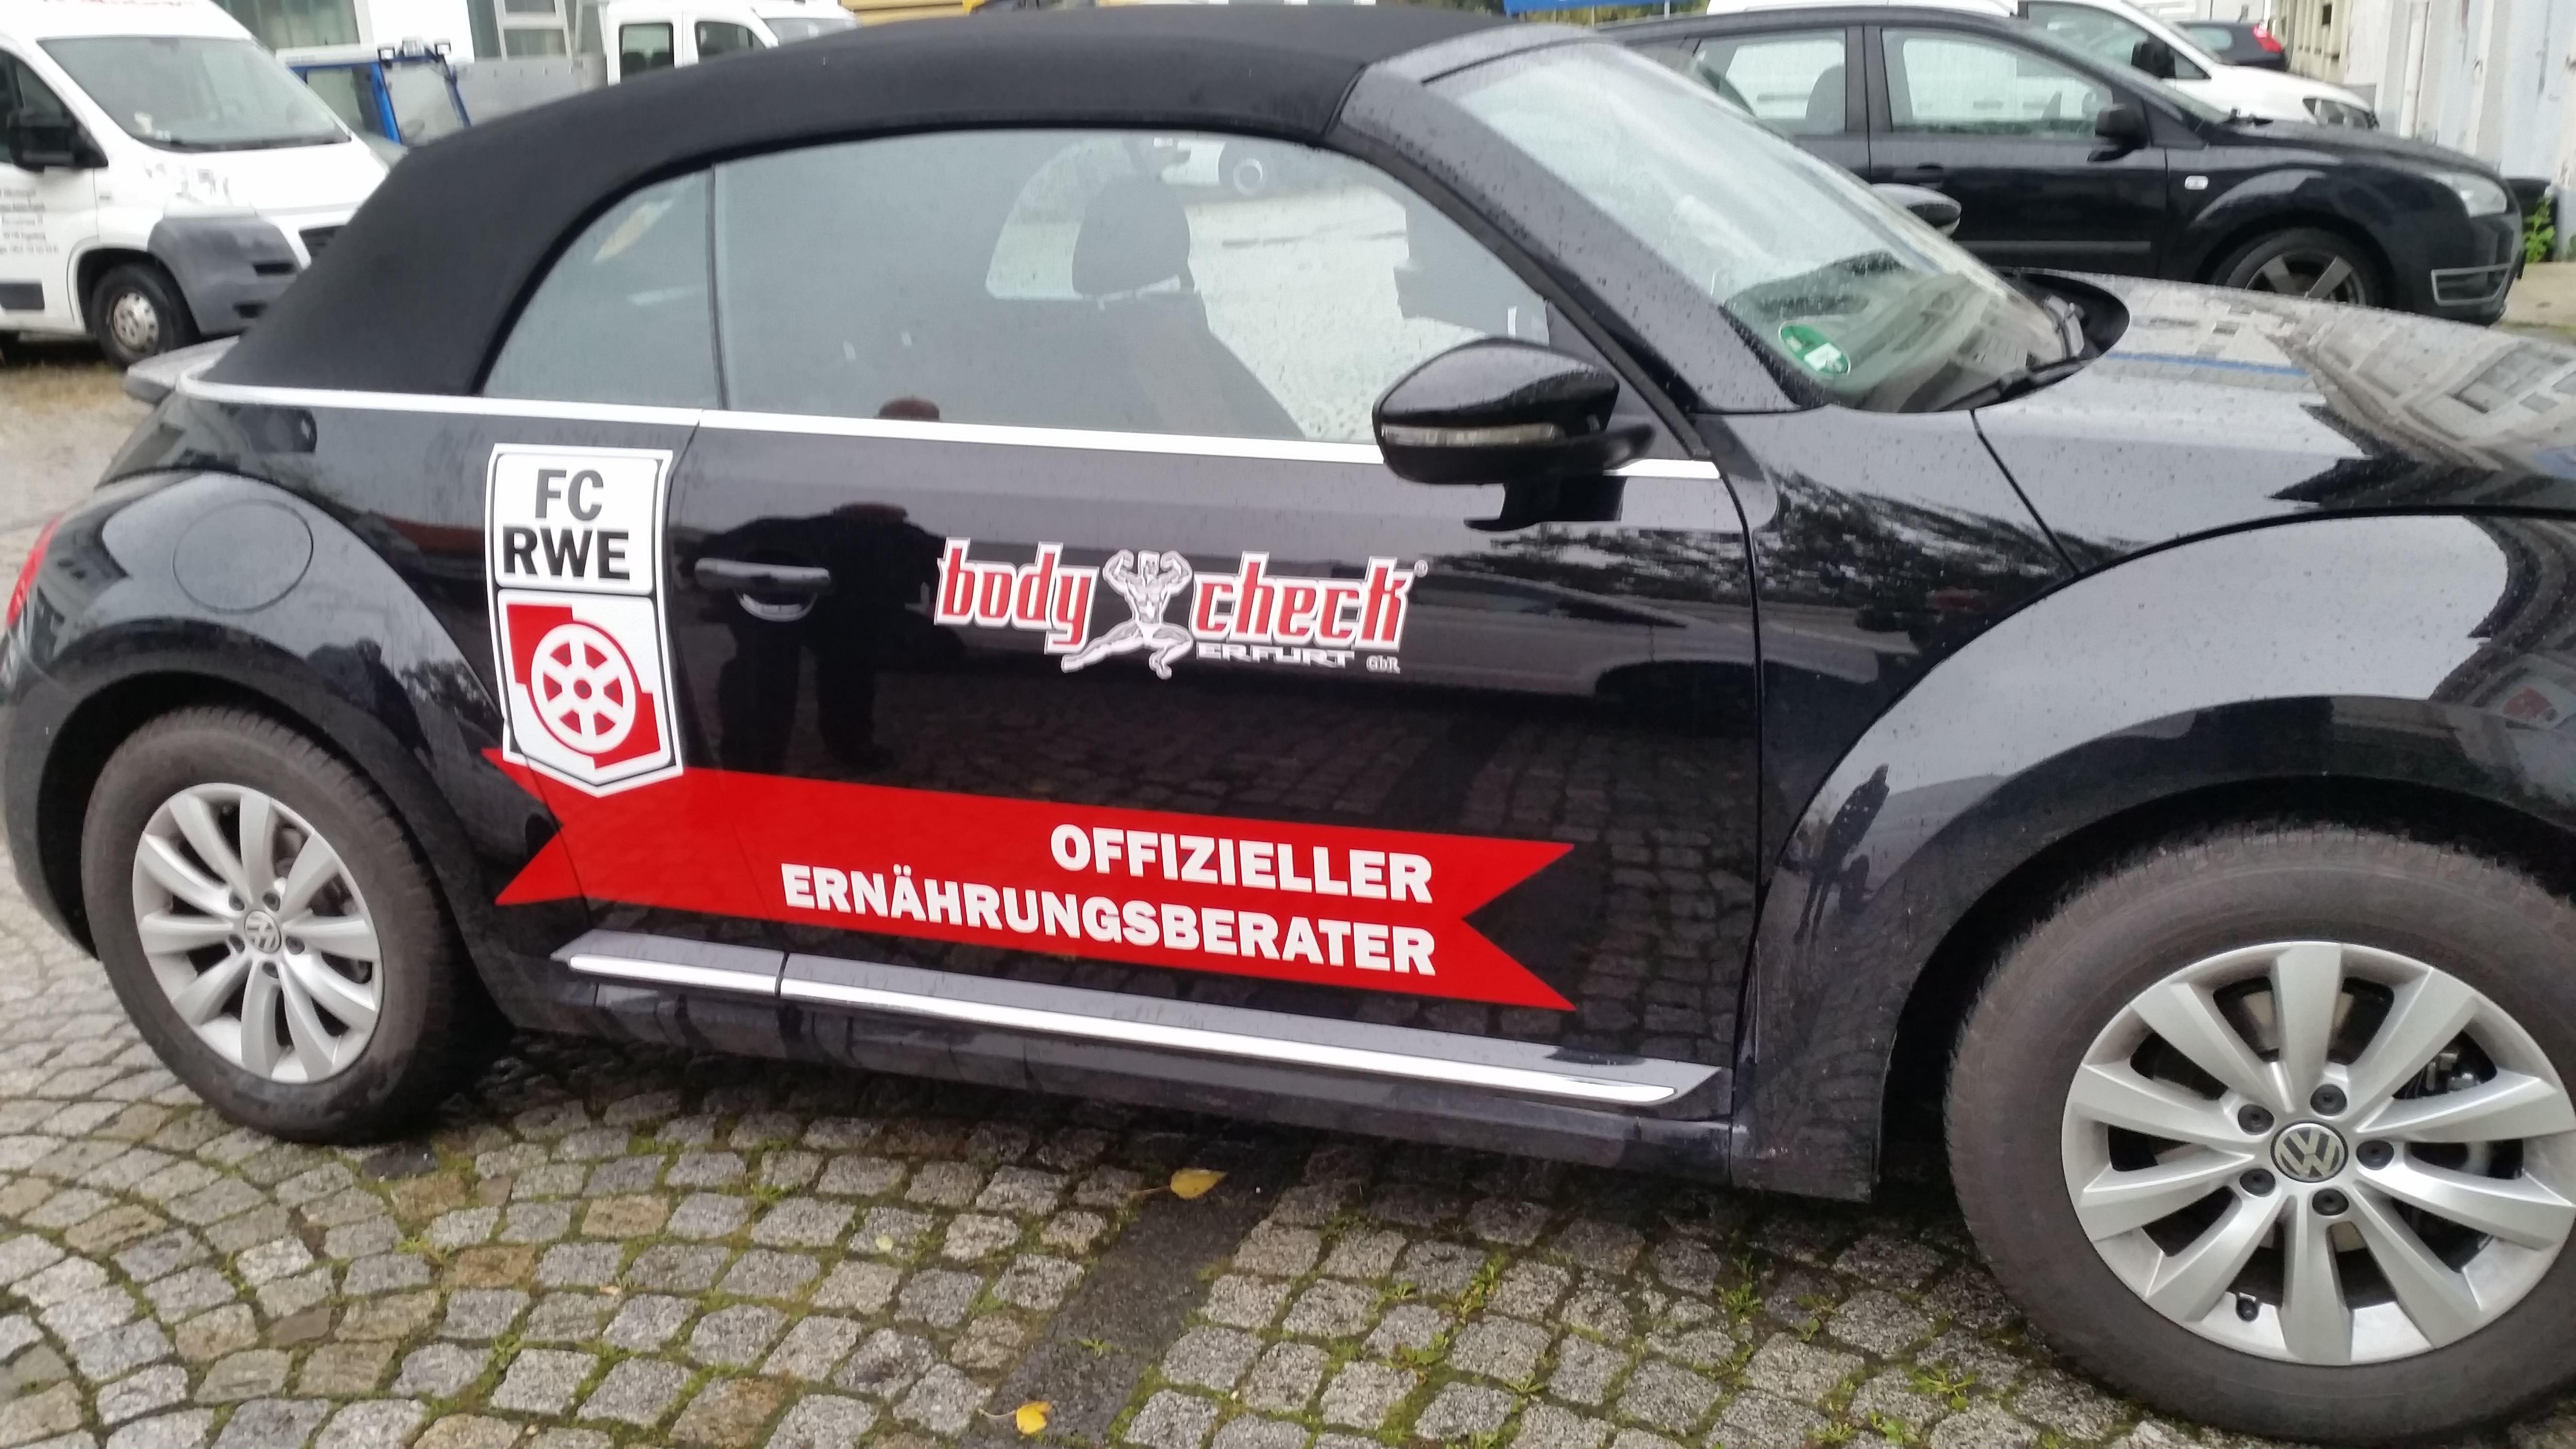 Fahrzeugbeschriftung BodyCheck Erfurt